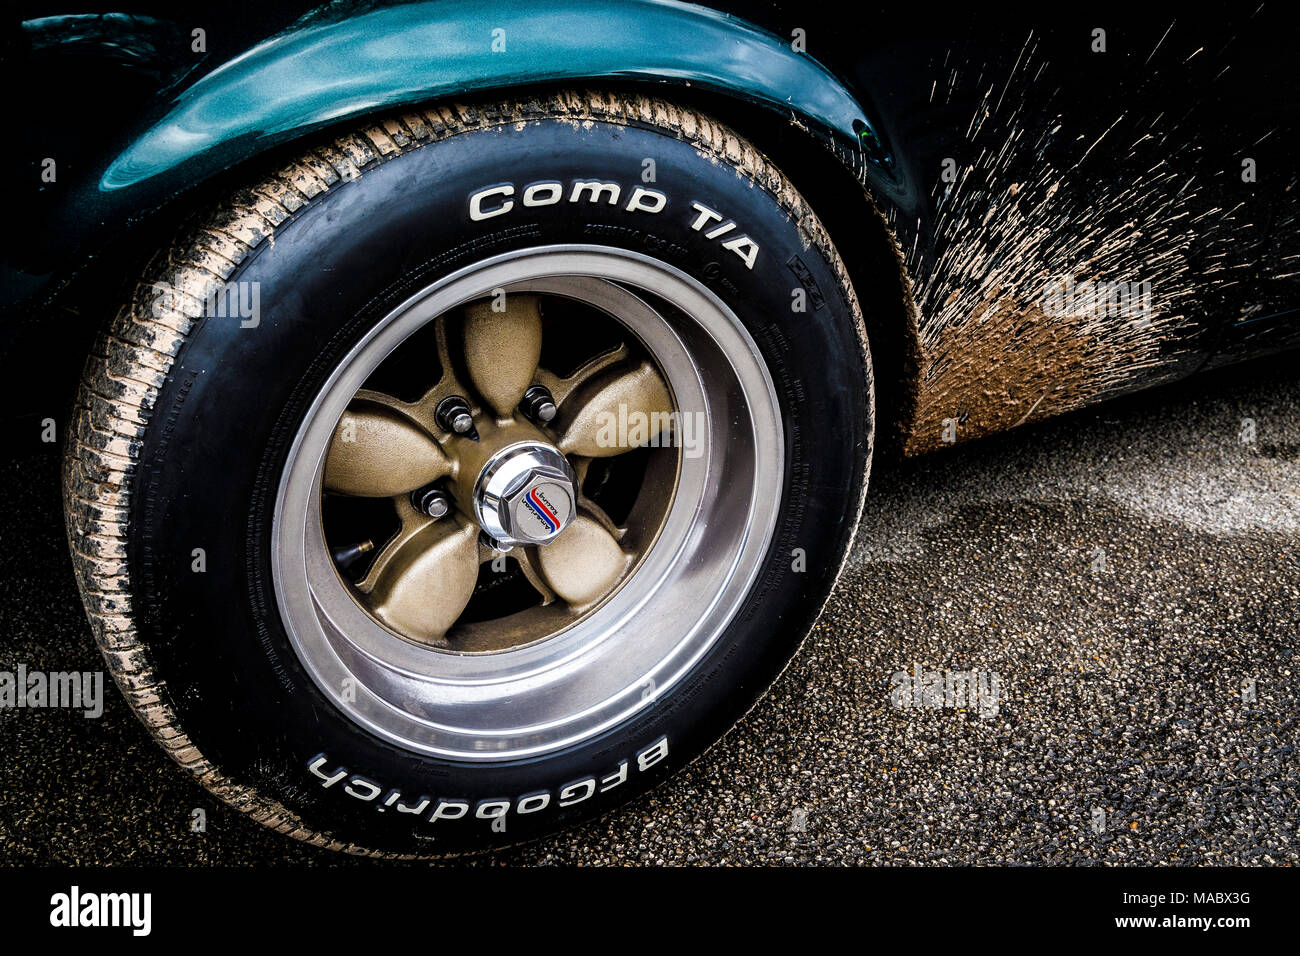 Schlamm spritzte Radkasten eines Ford Mustang im Fahrerlager in Goodwood 76th Mitgliederversammlung, Sussex, UK. Stockbild